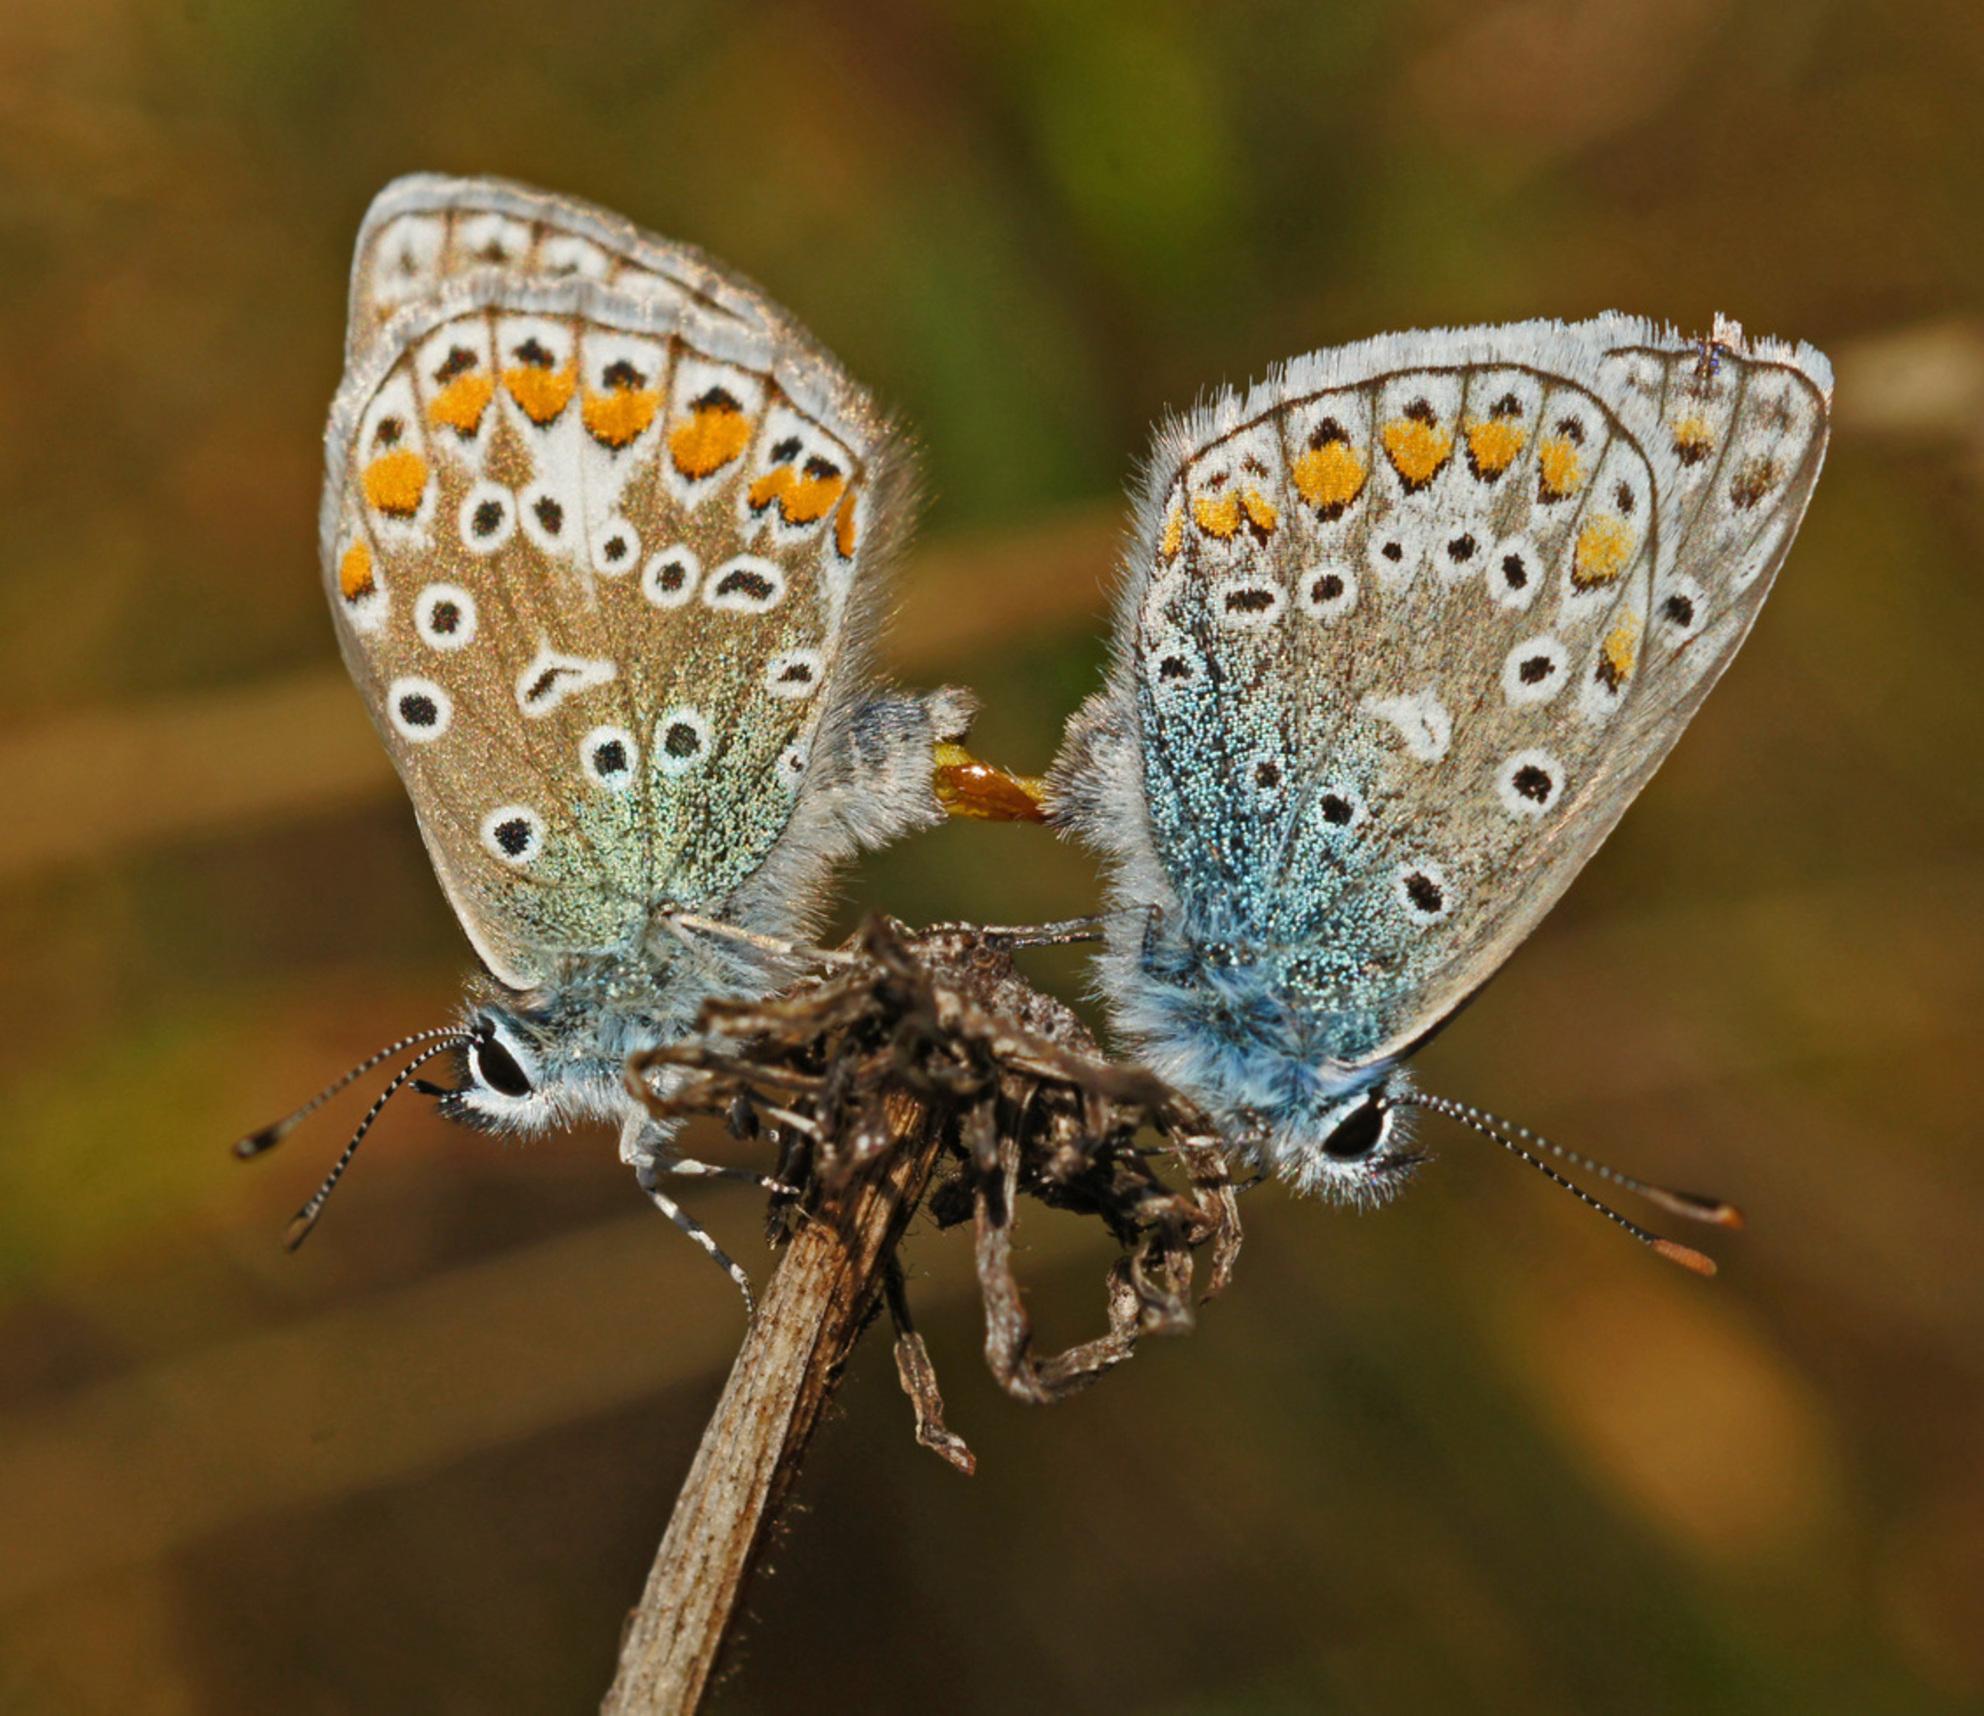 Blauwtje(?) - Ik zie regelmatig deze vlinder voorbij komen op dit forum en deze noemen jullie een blauwtje?  In de pauze tijdens mijn werk als vuilnisman ga i - foto door visser85 op 27-09-2012 - deze foto bevat: vlinder - Deze foto mag gebruikt worden in een Zoom.nl publicatie